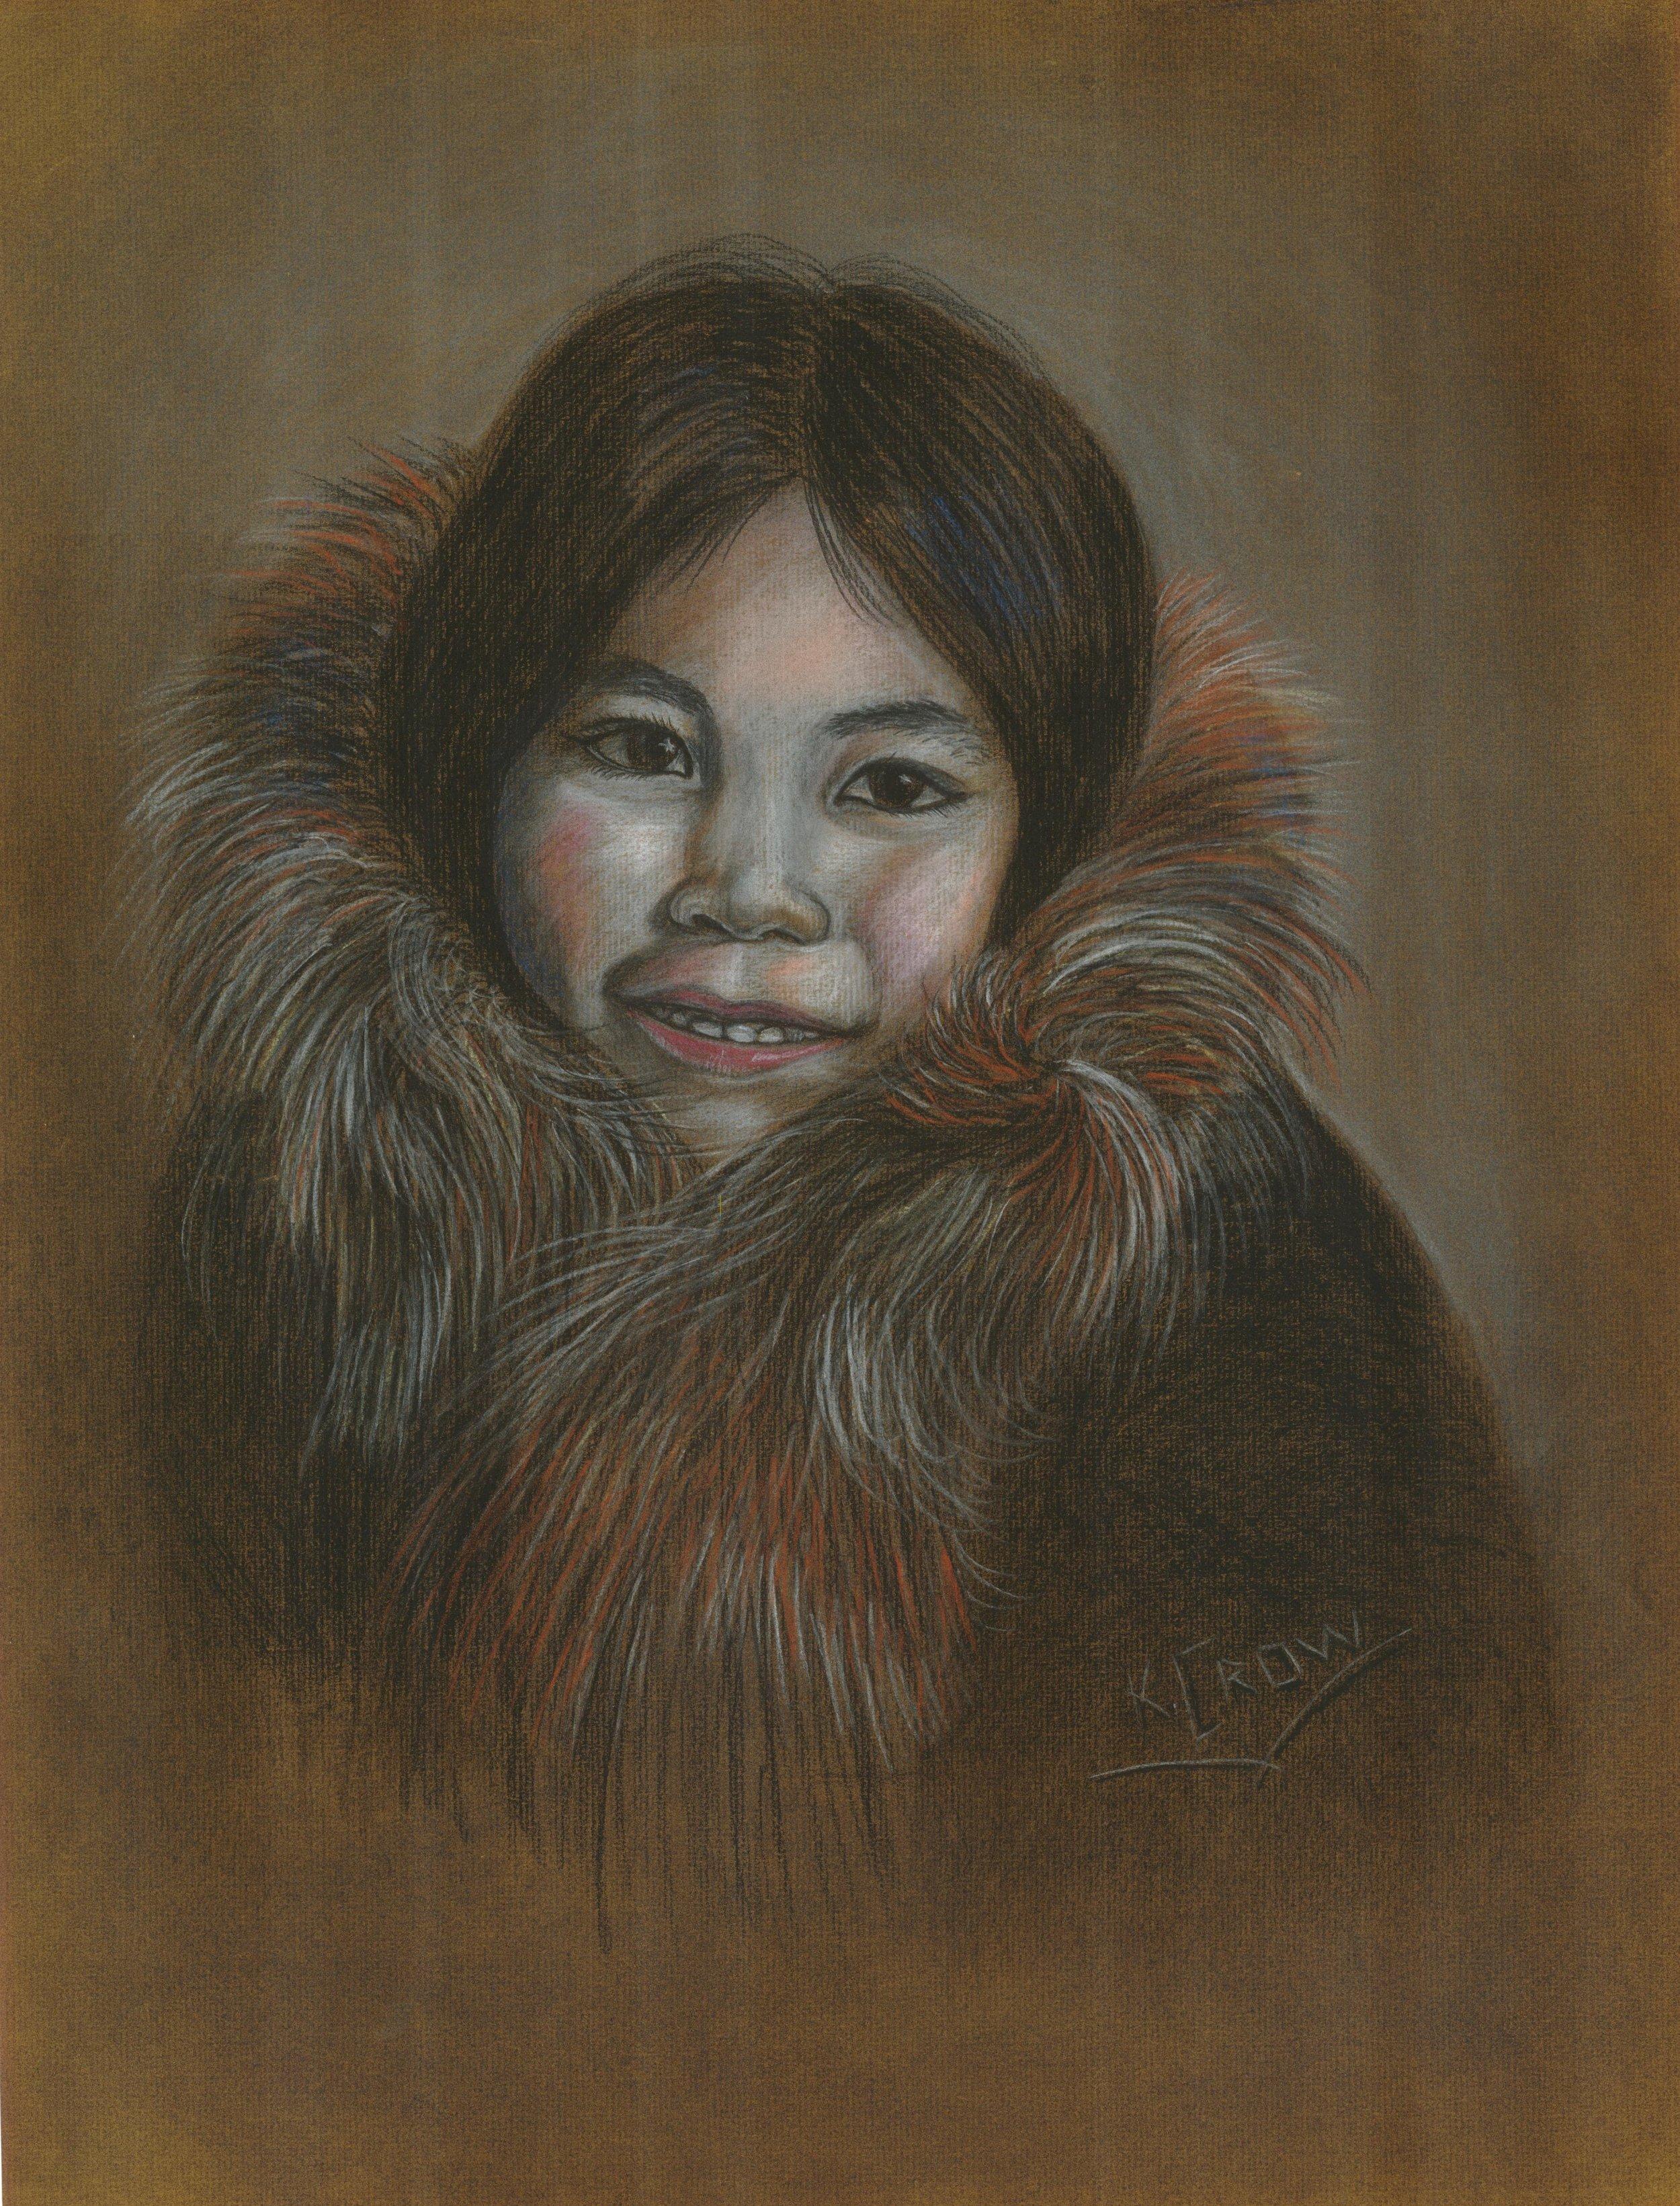 20496938-Karen Crow_Lily_Chalk Pastel,18X24 inches,$400..jpg